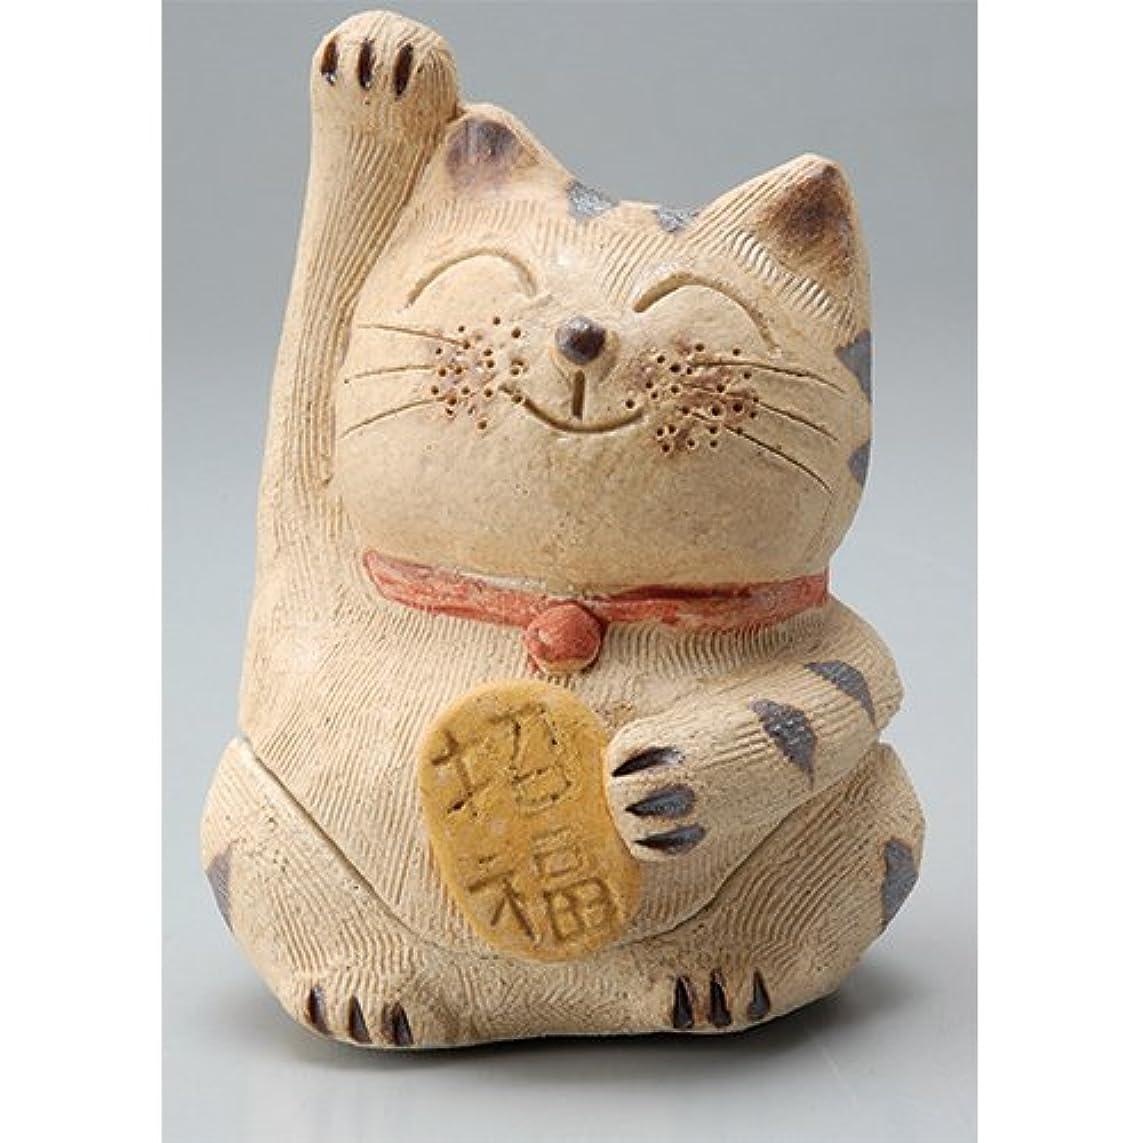 香炉 微笑み招き猫(お金招き)香炉(小) [H8.5cm] HANDMADE プレゼント ギフト 和食器 かわいい インテリア